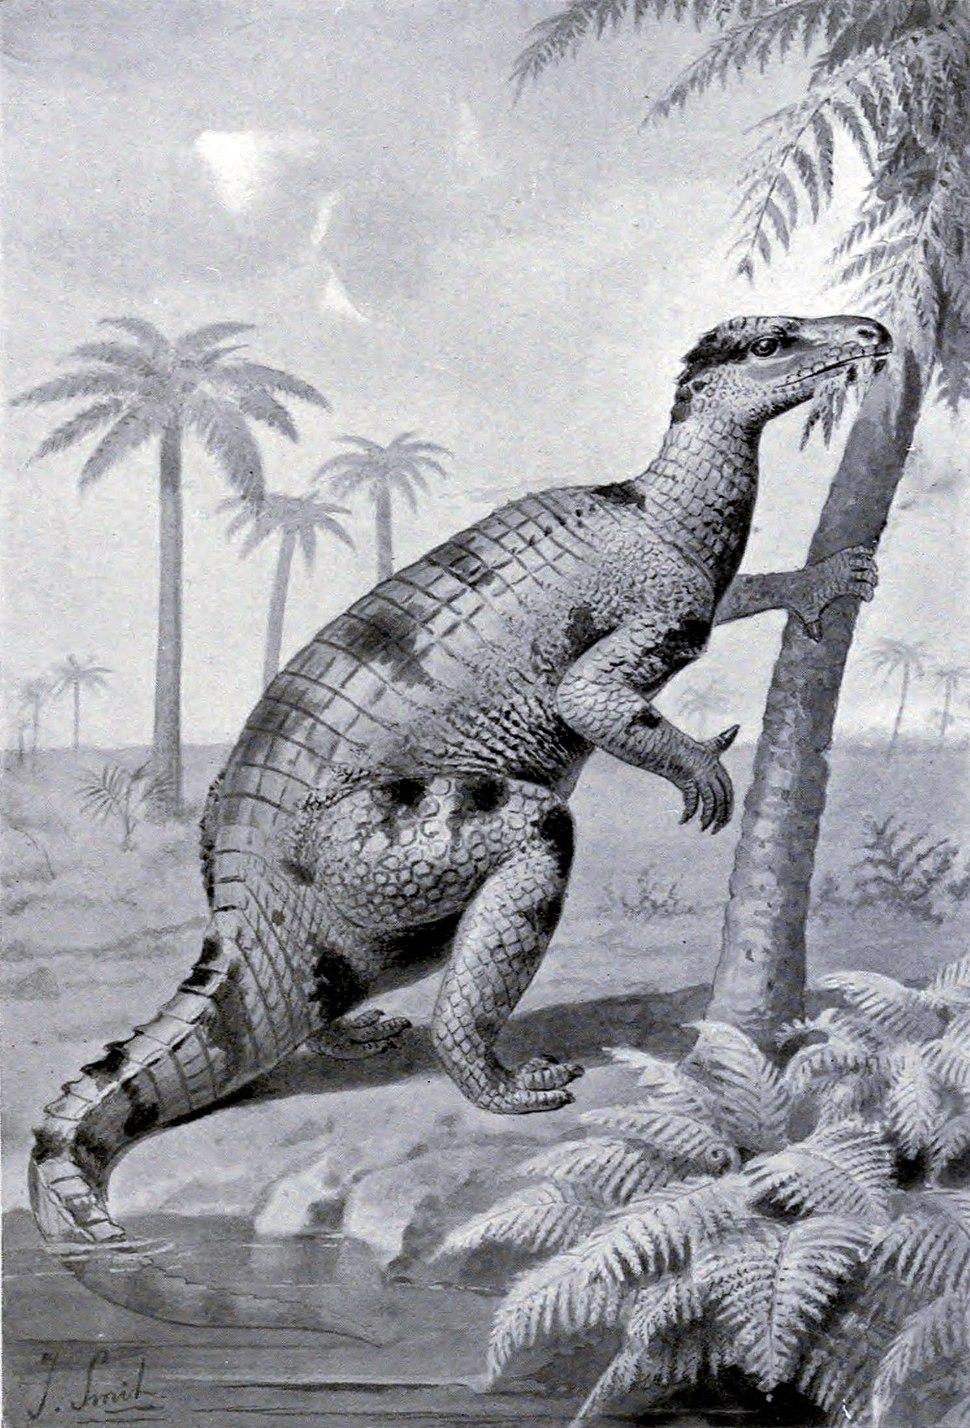 Iguanodon feeding